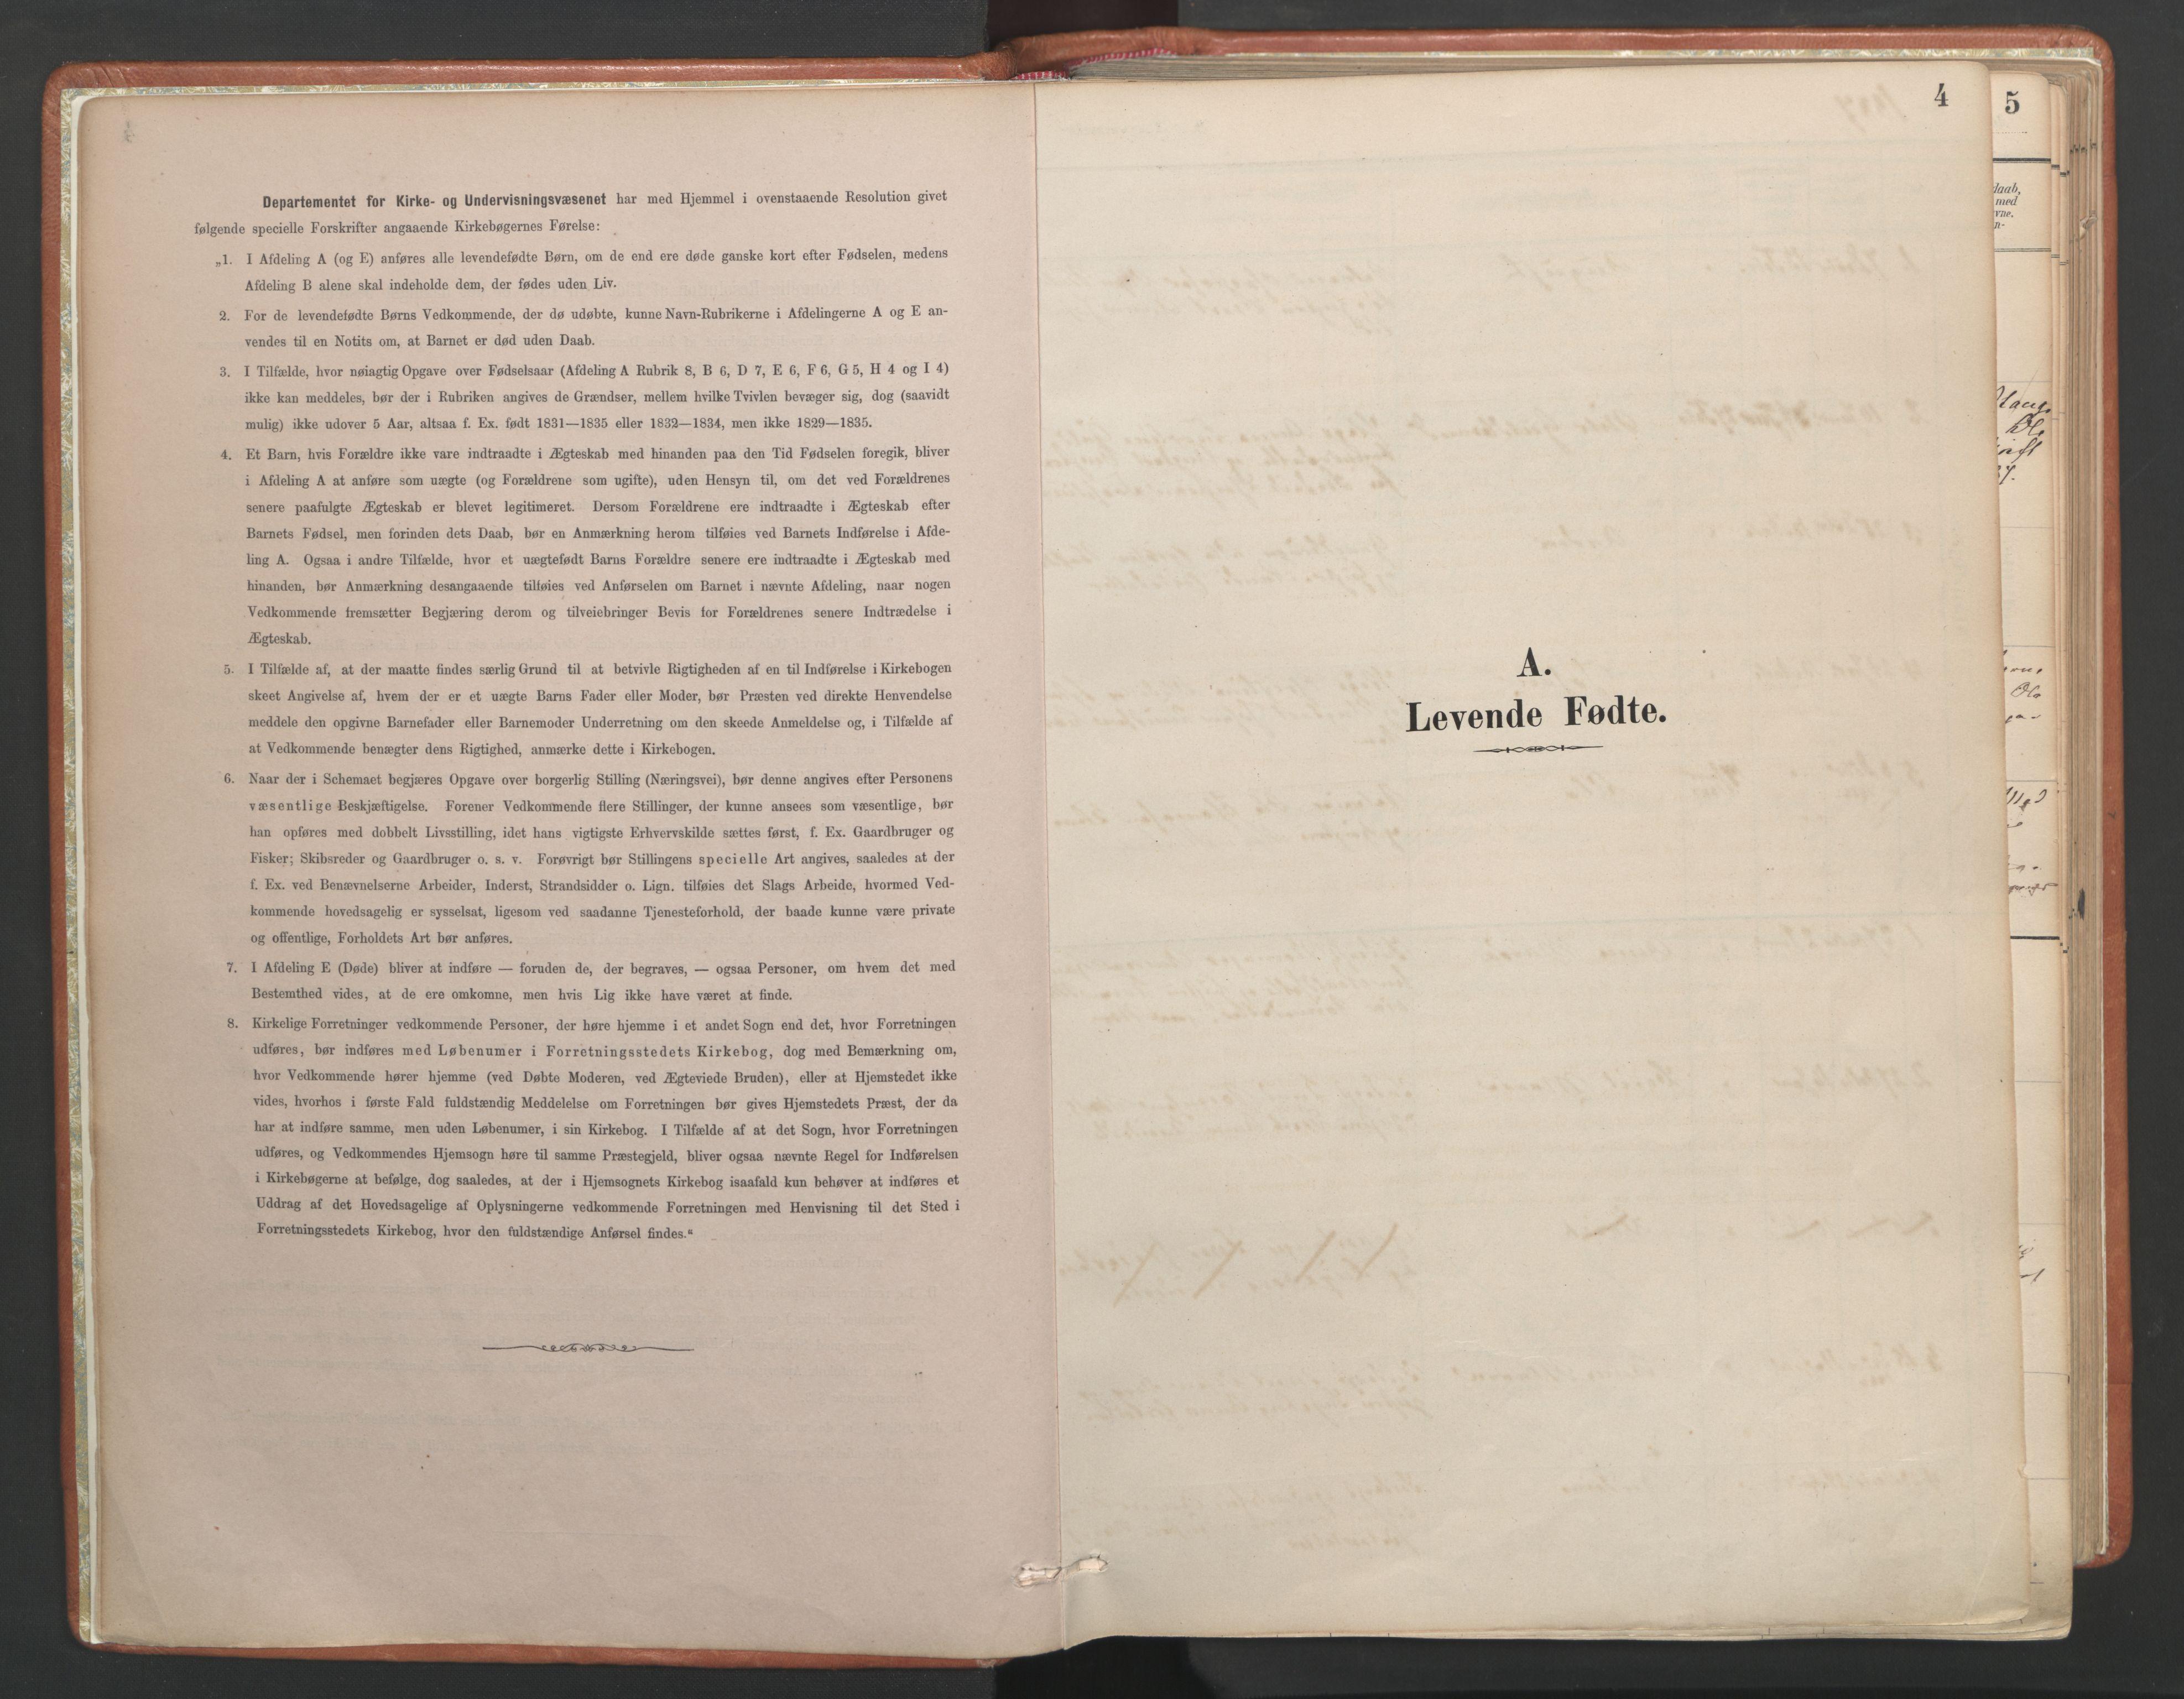 SAT, Ministerialprotokoller, klokkerbøker og fødselsregistre - Møre og Romsdal, 557/L0682: Parish register (official) no. 557A04, 1887-1970, p. 4